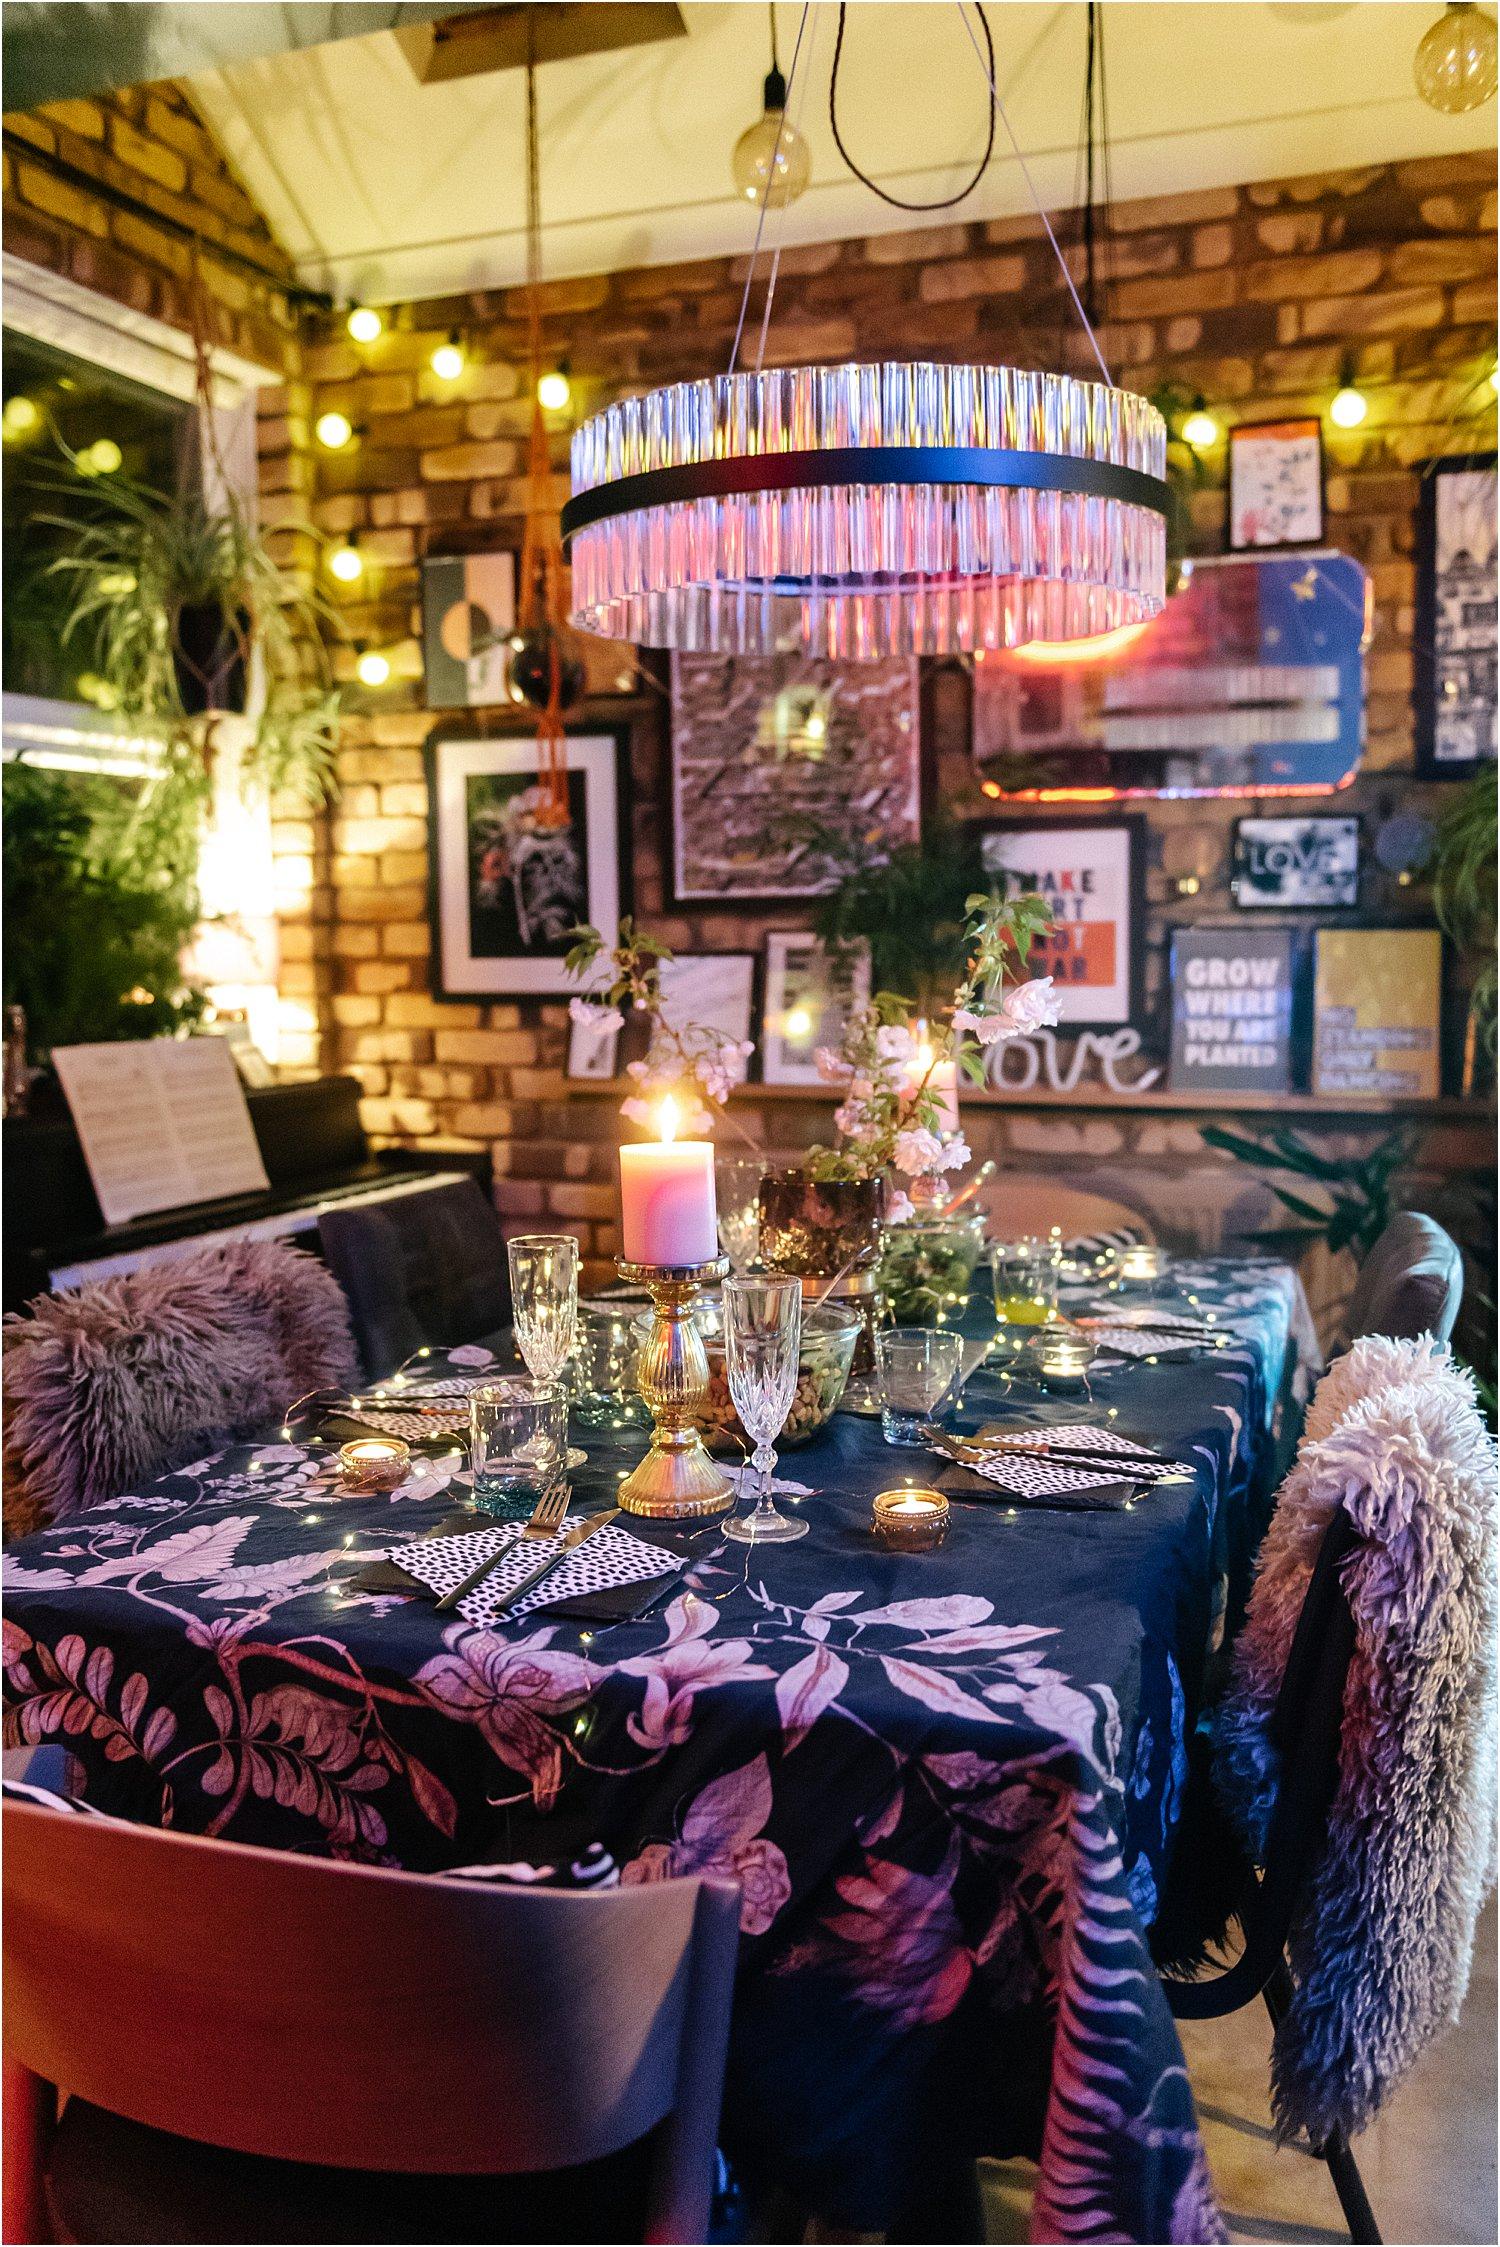 dark-maximalist-eclectic-neon-lighting-indoor-evening-lily-sawyer-photos_0003